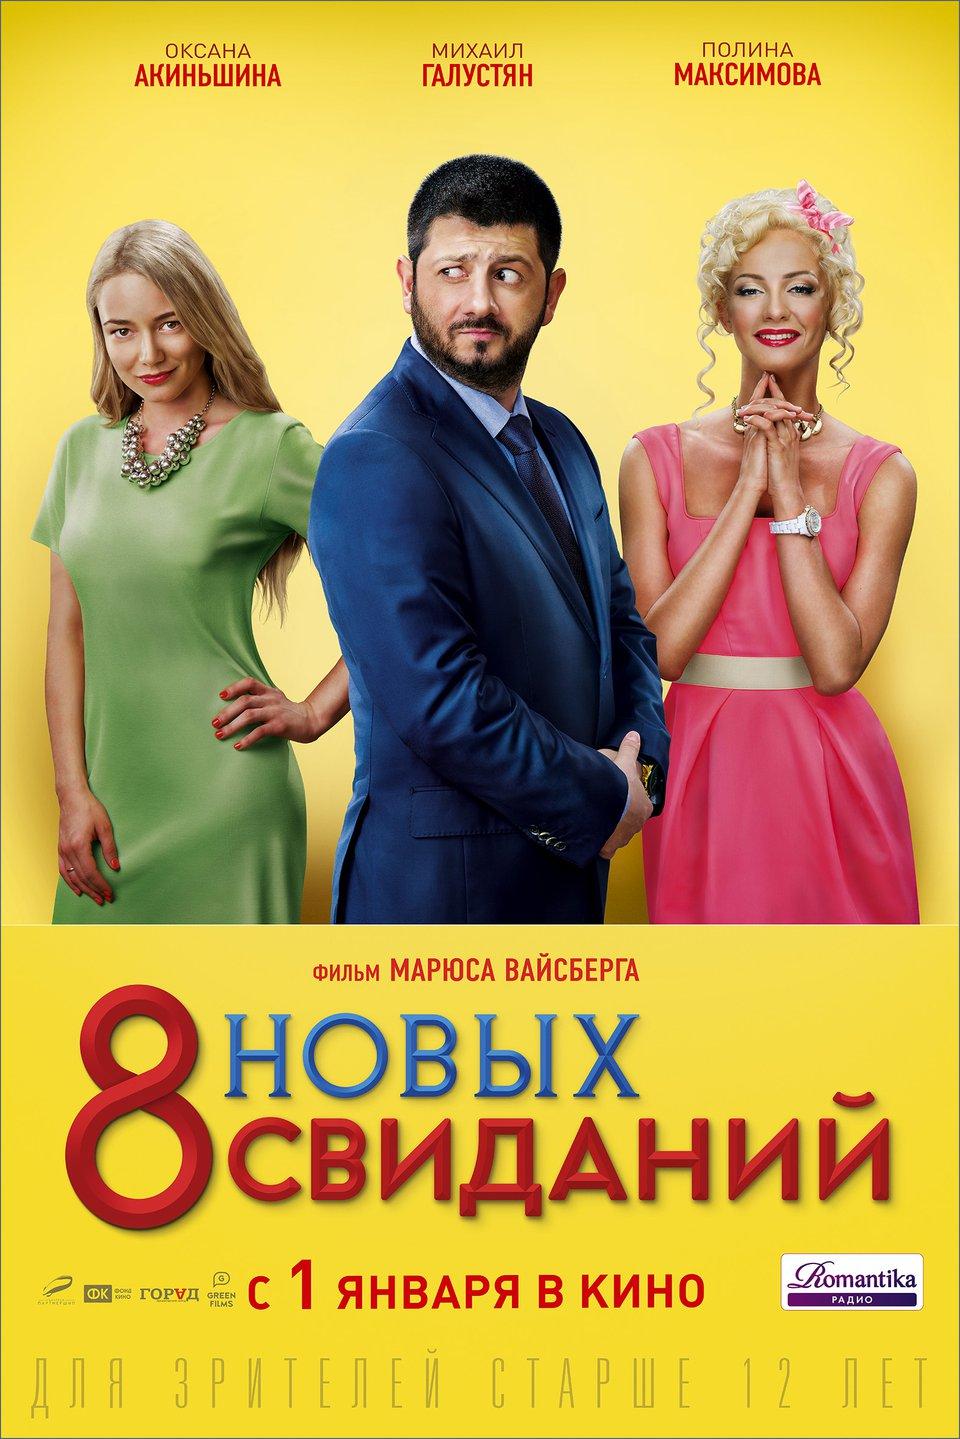 «Смотреть Фильмы 2016 Года Новинки Русские Комедии» — 2010